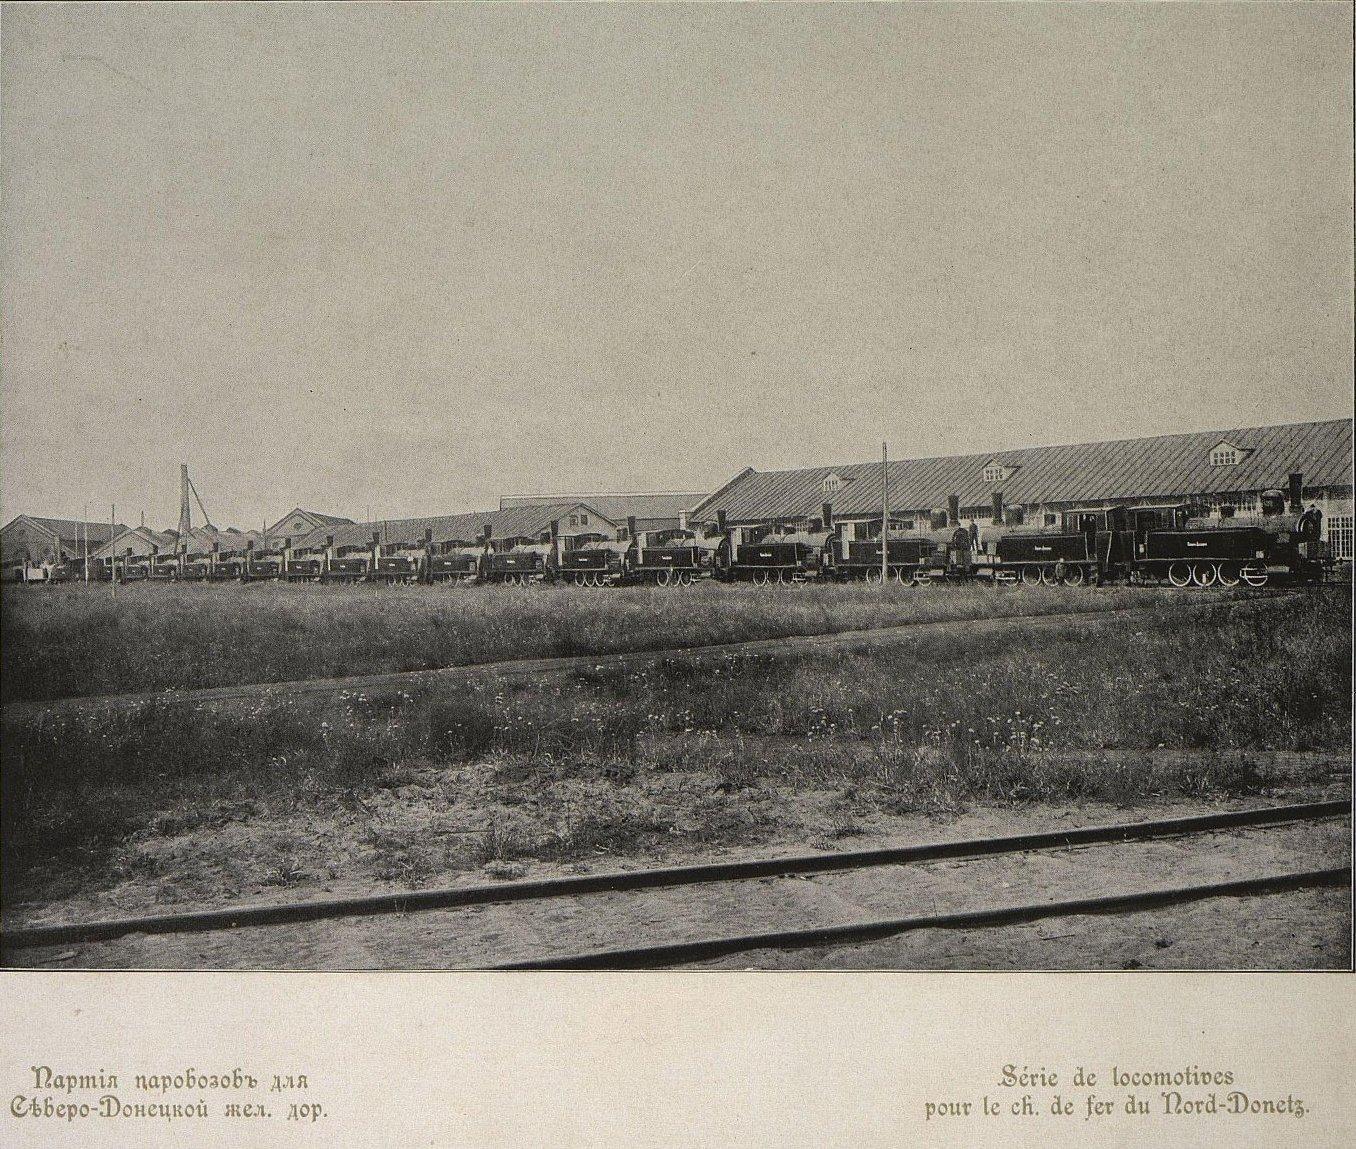 Партия паровозов для Северо-Донецкой железной дороги